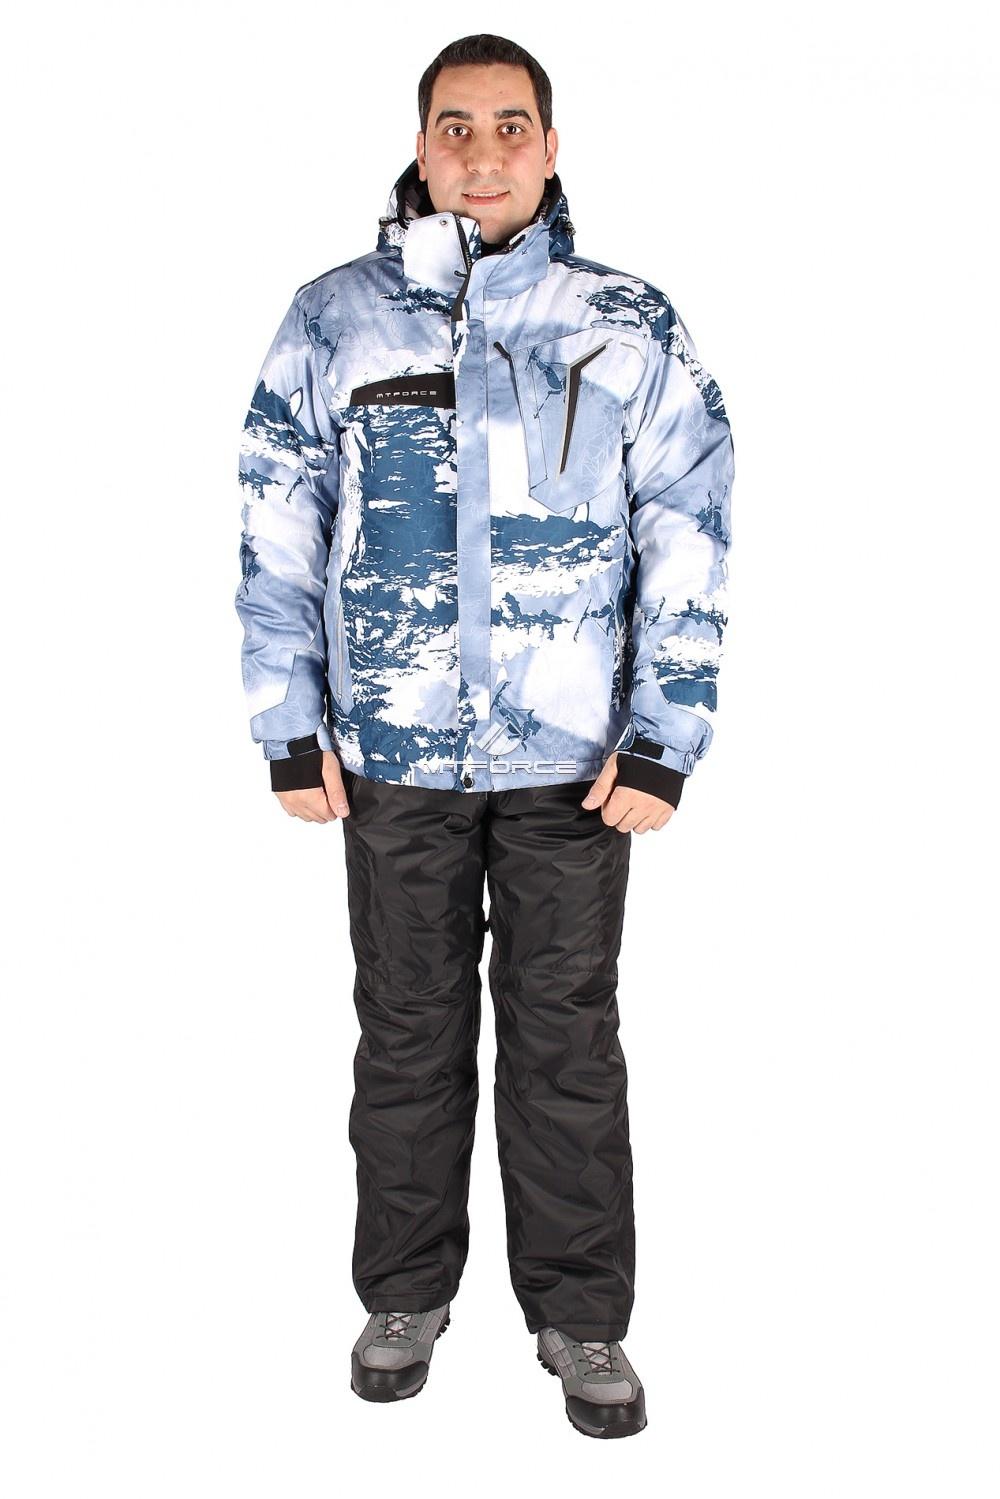 Купить                                  оптом Костюм горнолыжный мужской синий цвета 01550S в Санкт-Петербурге